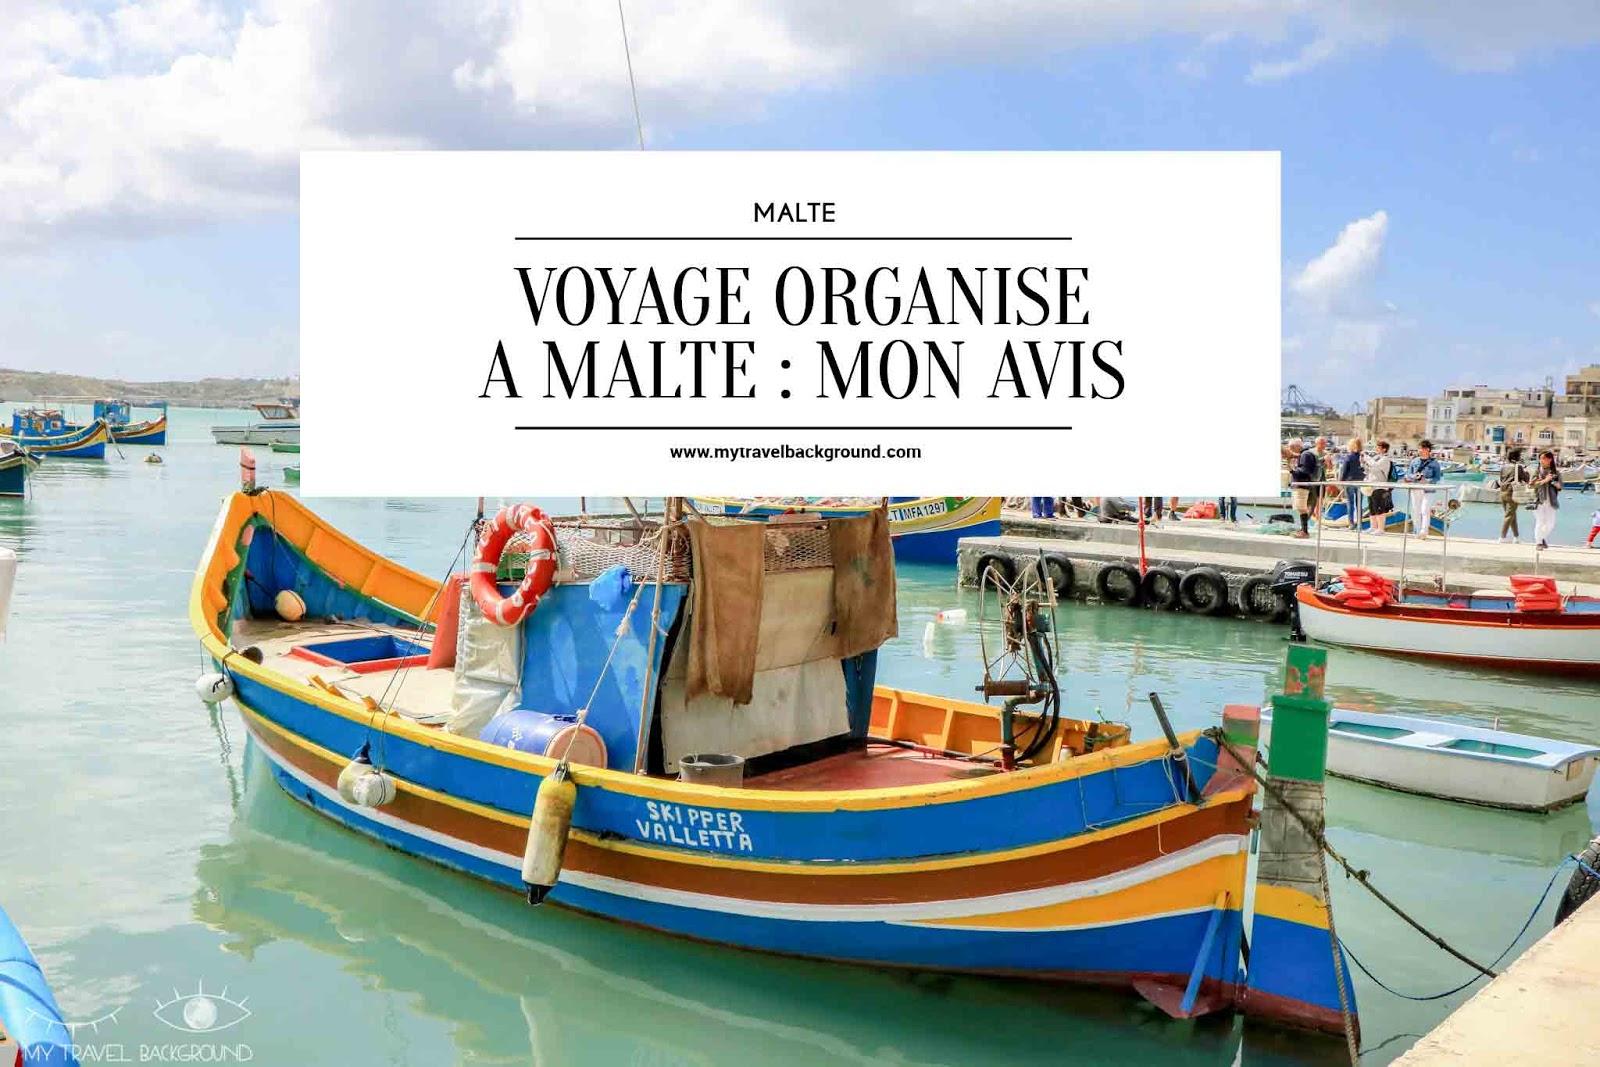 Voyage organisé à MALTE : MON AVIS